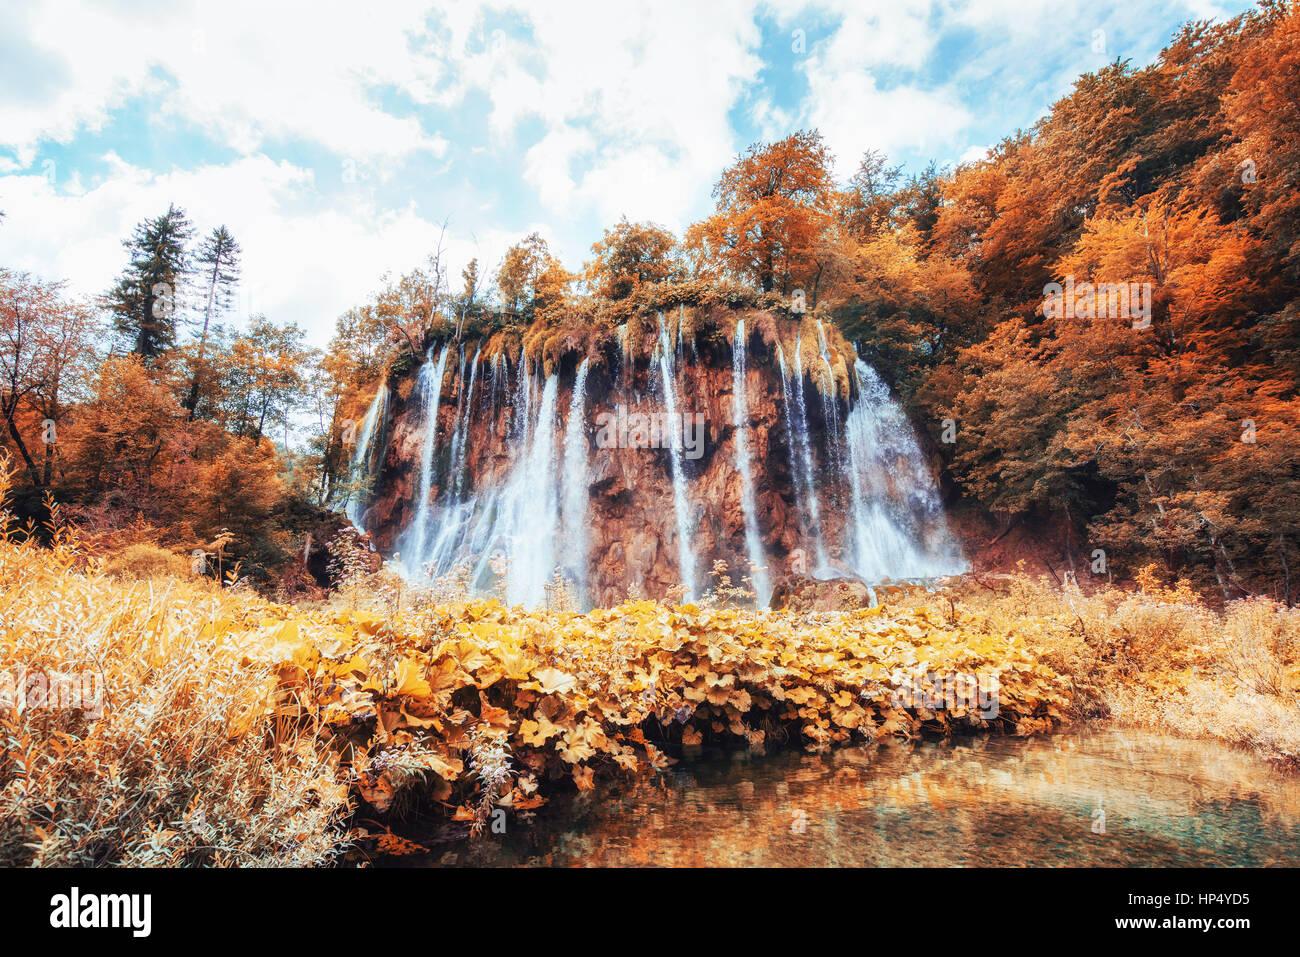 Vue magnifique sur les chutes d'eau et l'eau turquoise d'un soleil Banque D'Images